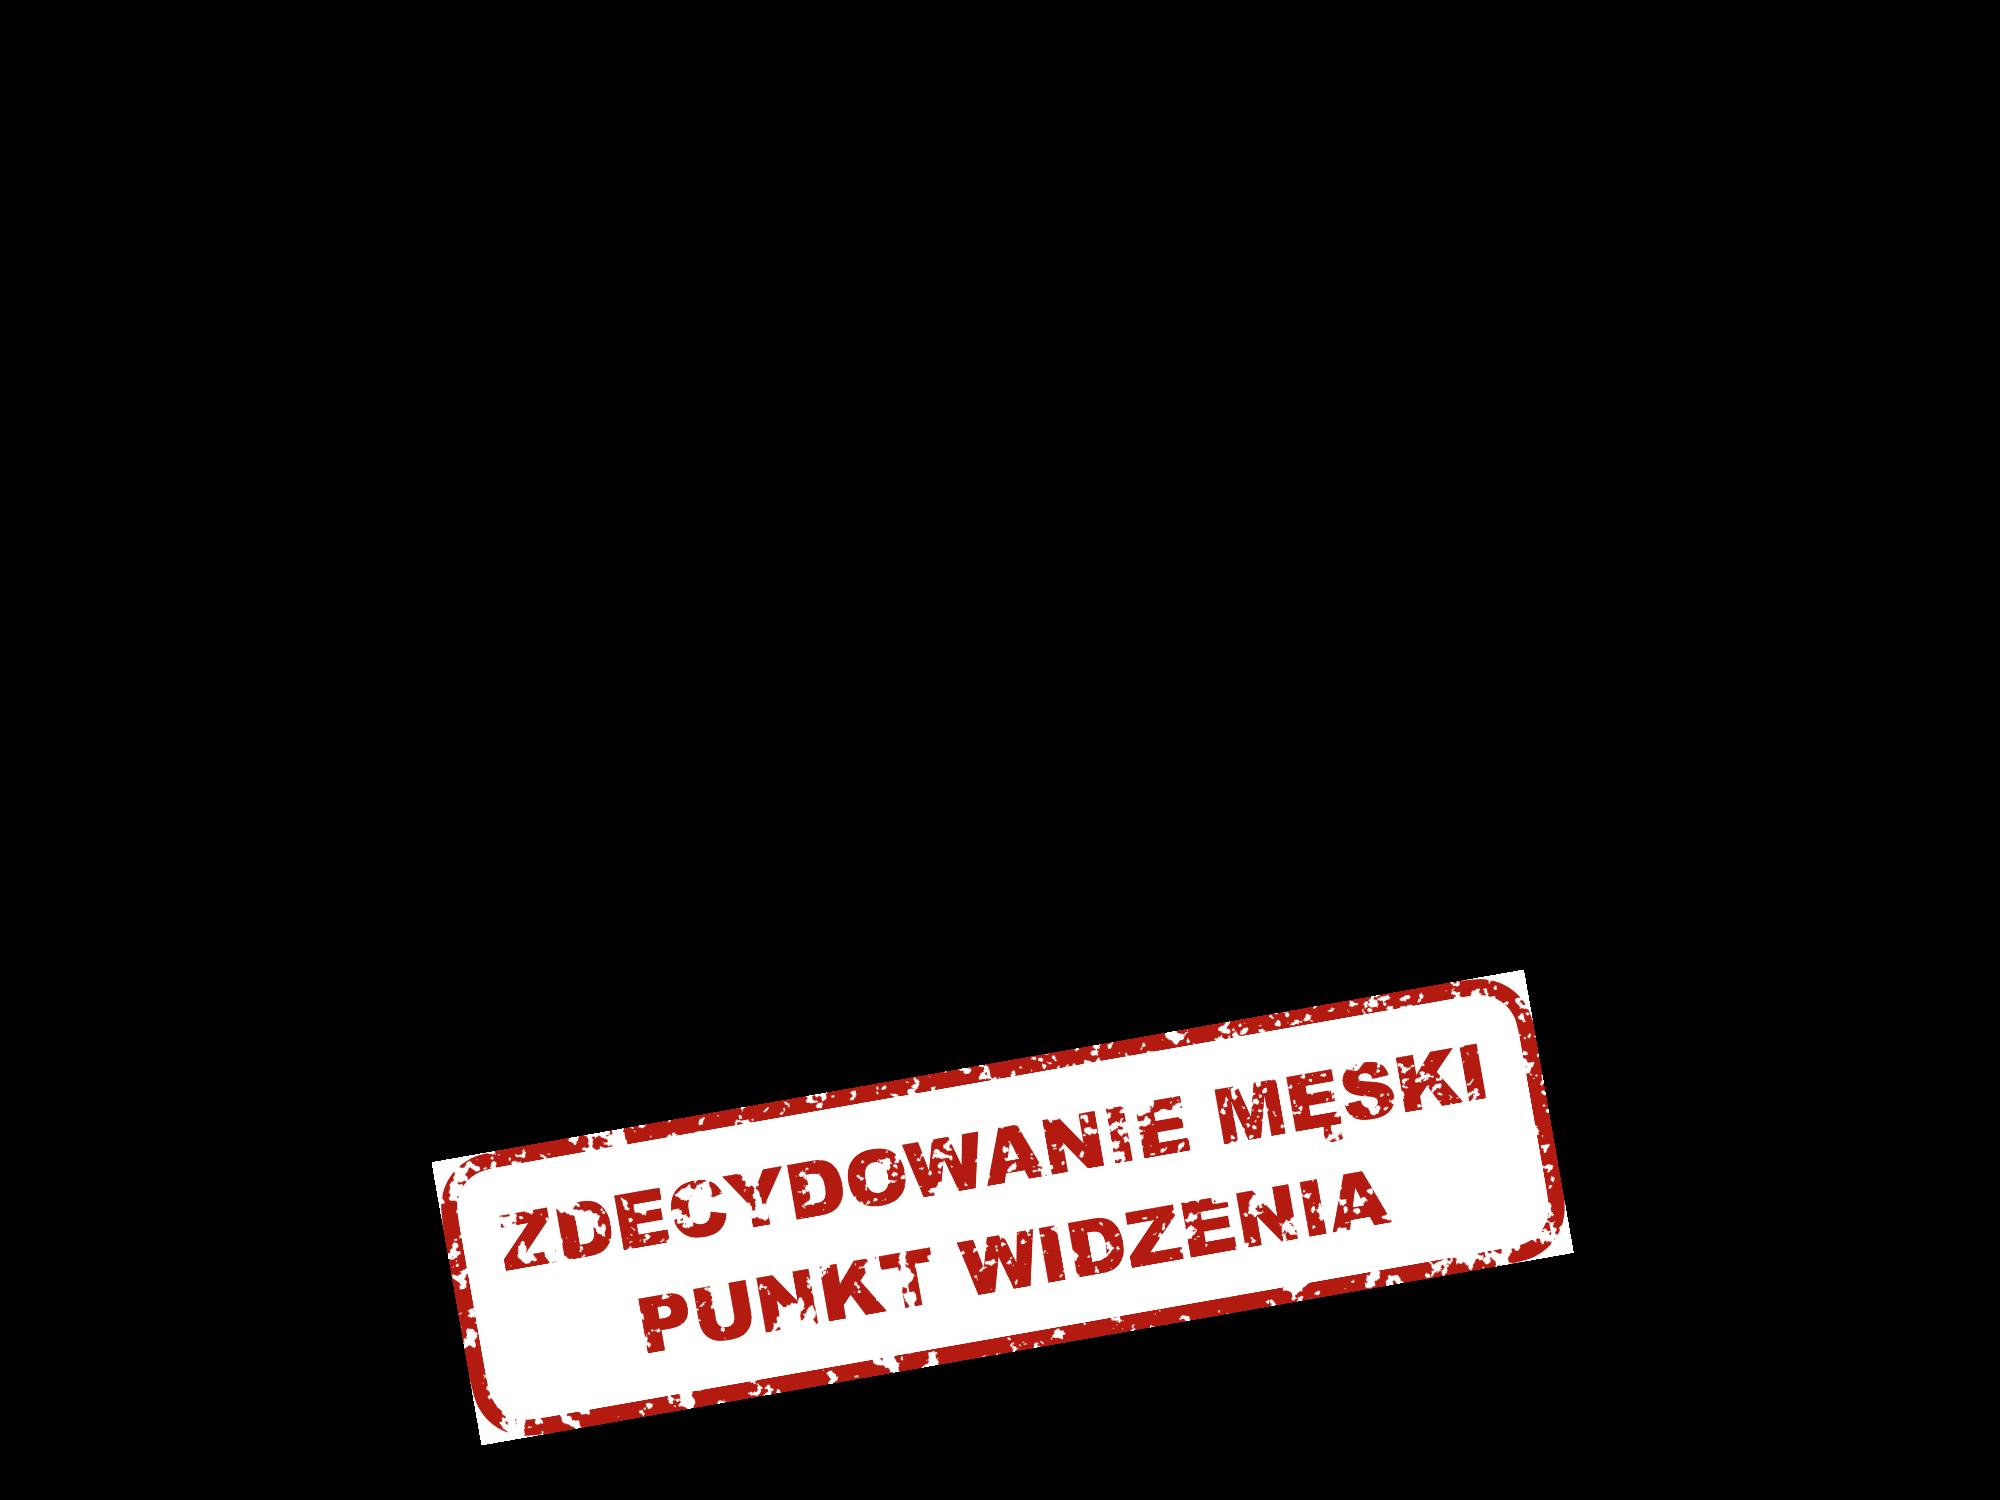 Zryty-Beret.pl-Zdecydowanie męski punkt widzenia